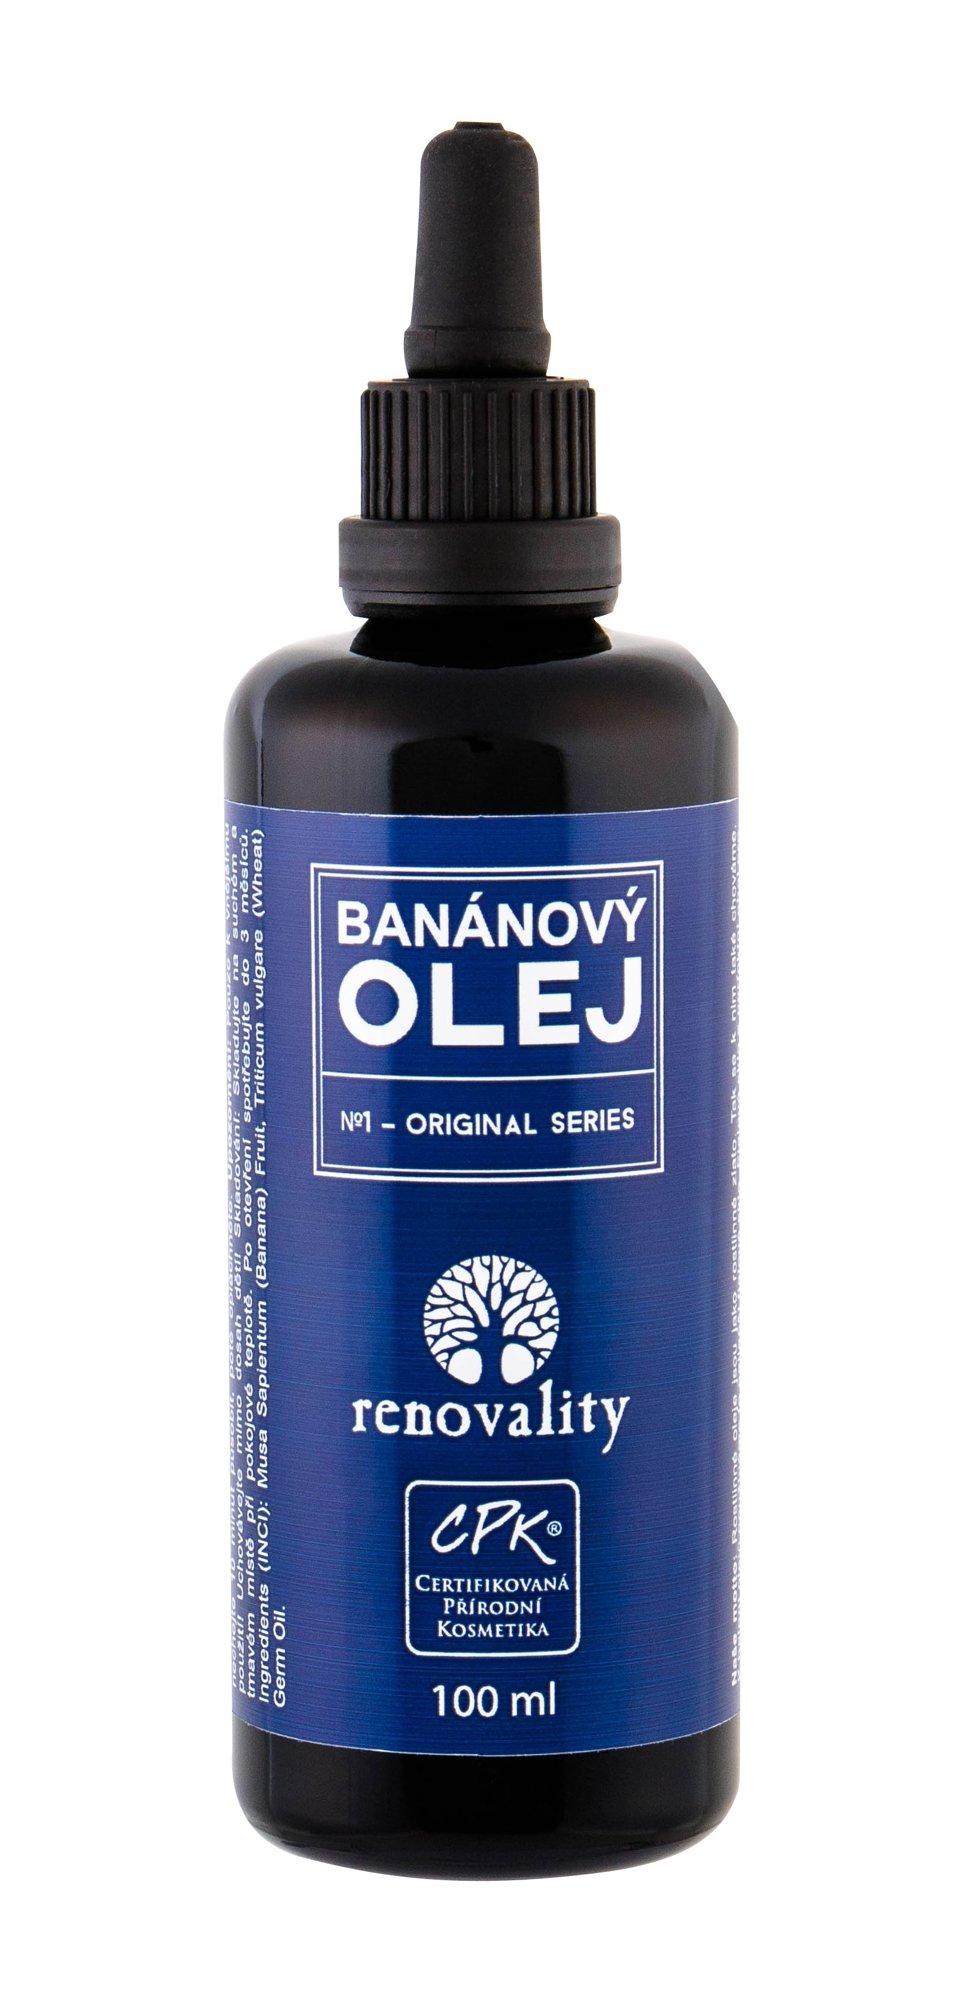 Renovality Original Series Body Oil 100ml  Banana Oil